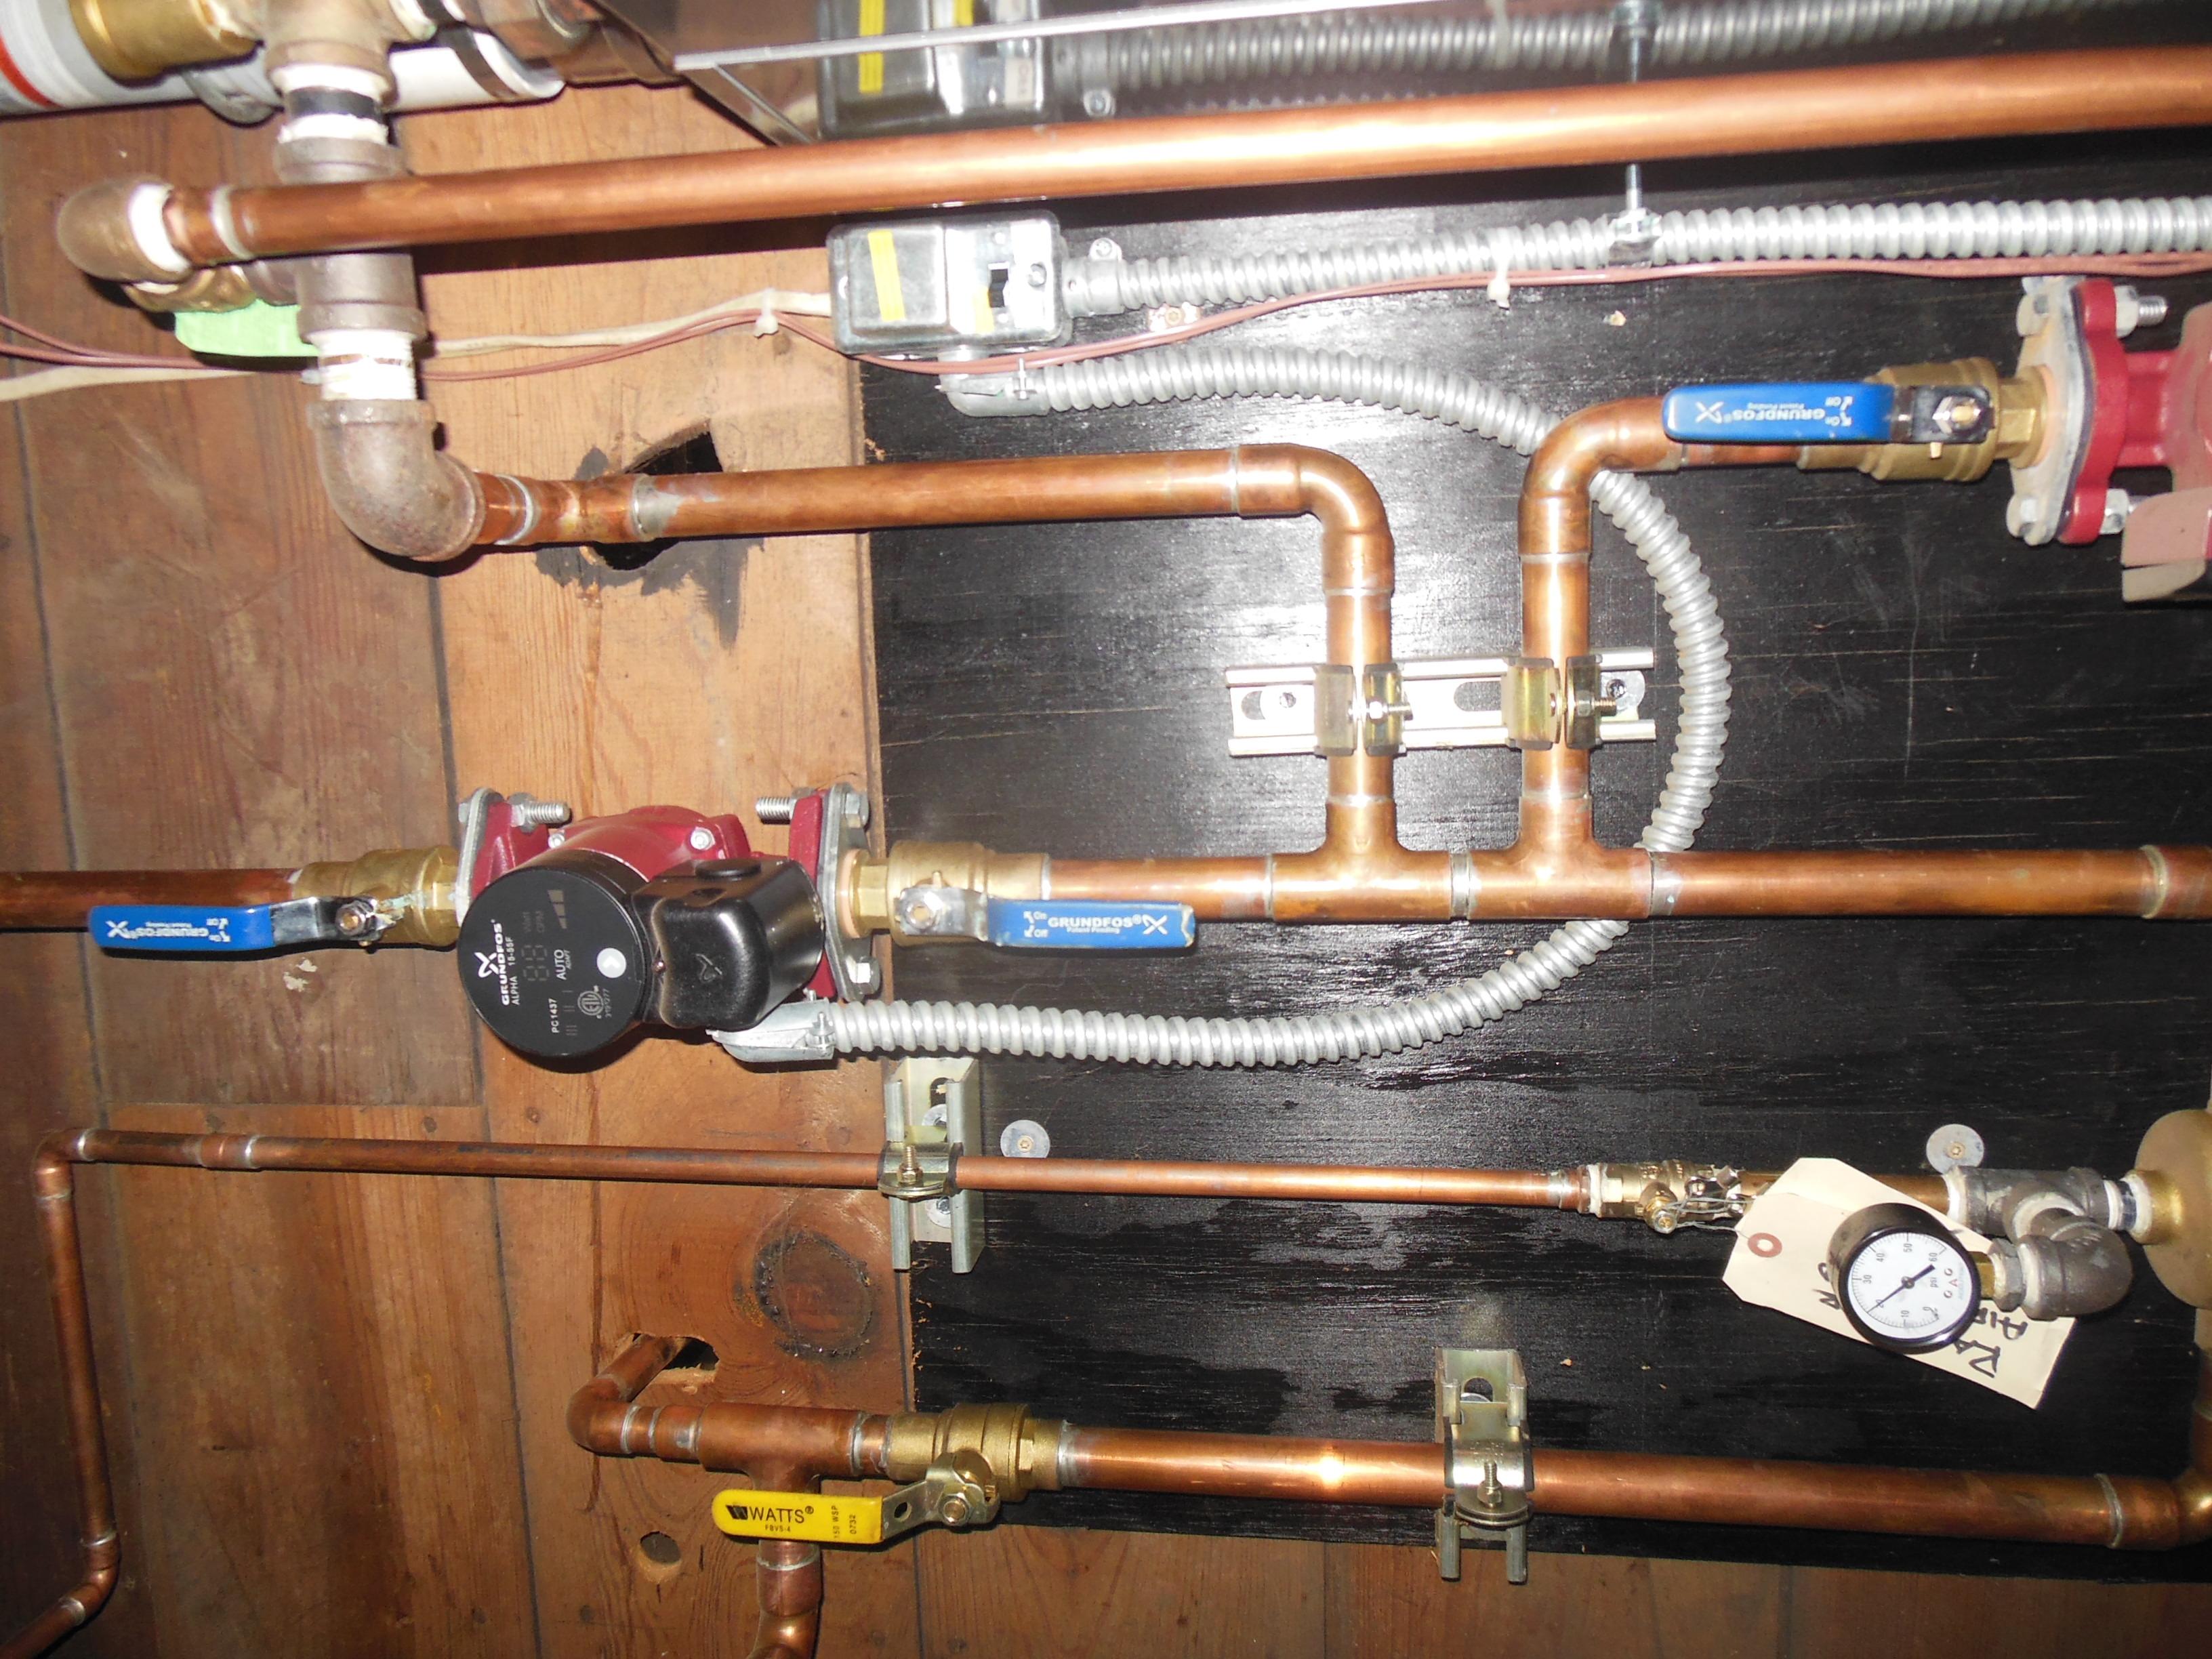 509 Normal boiler system